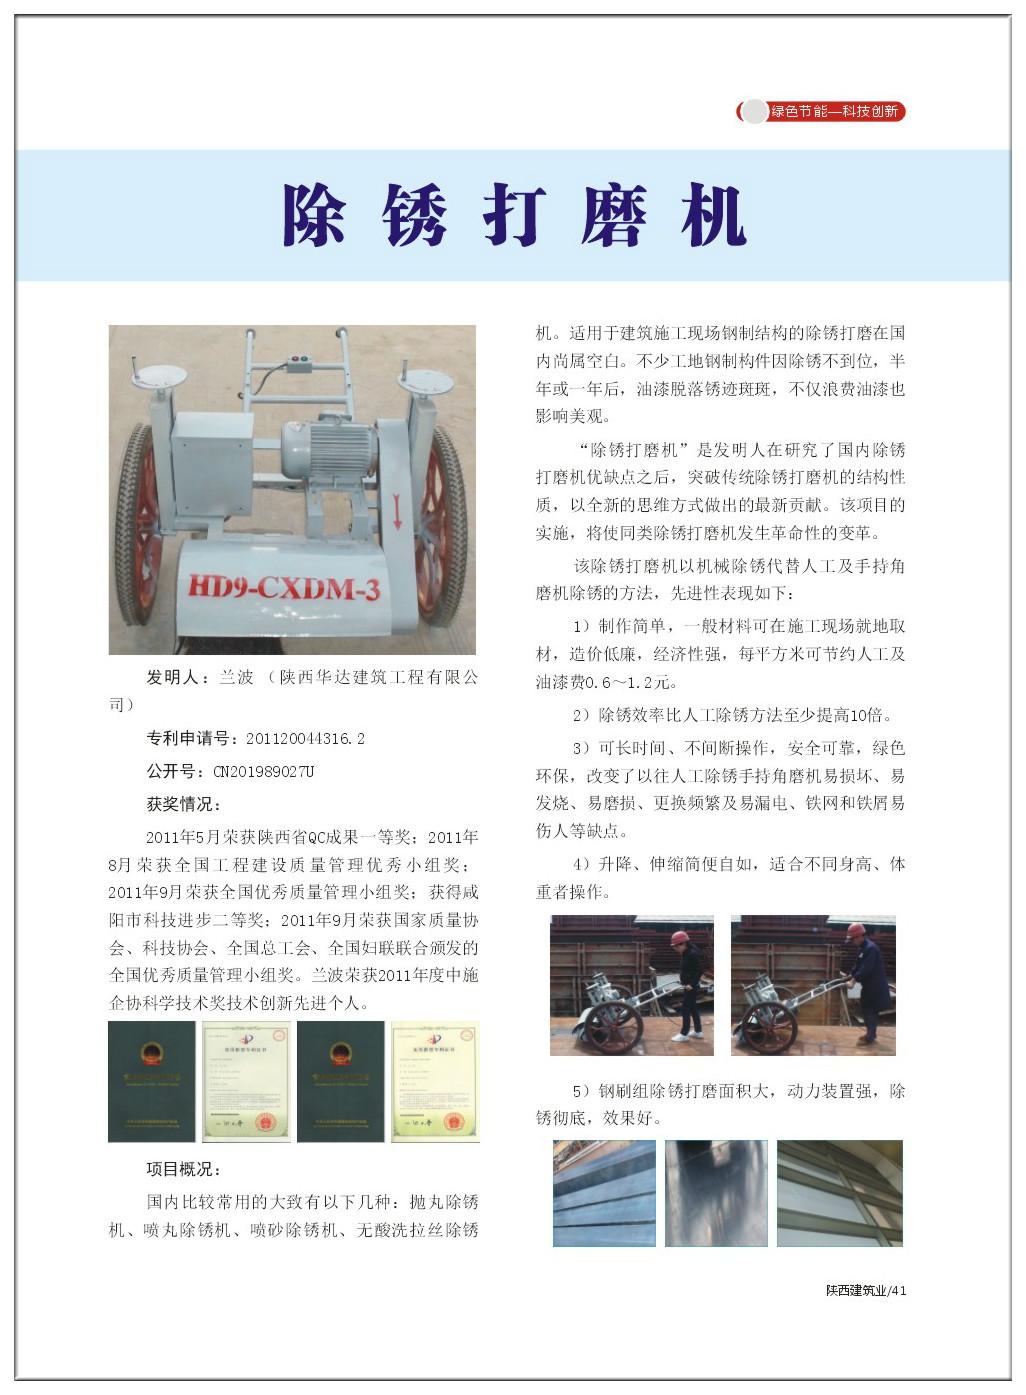 除锈打磨机-2